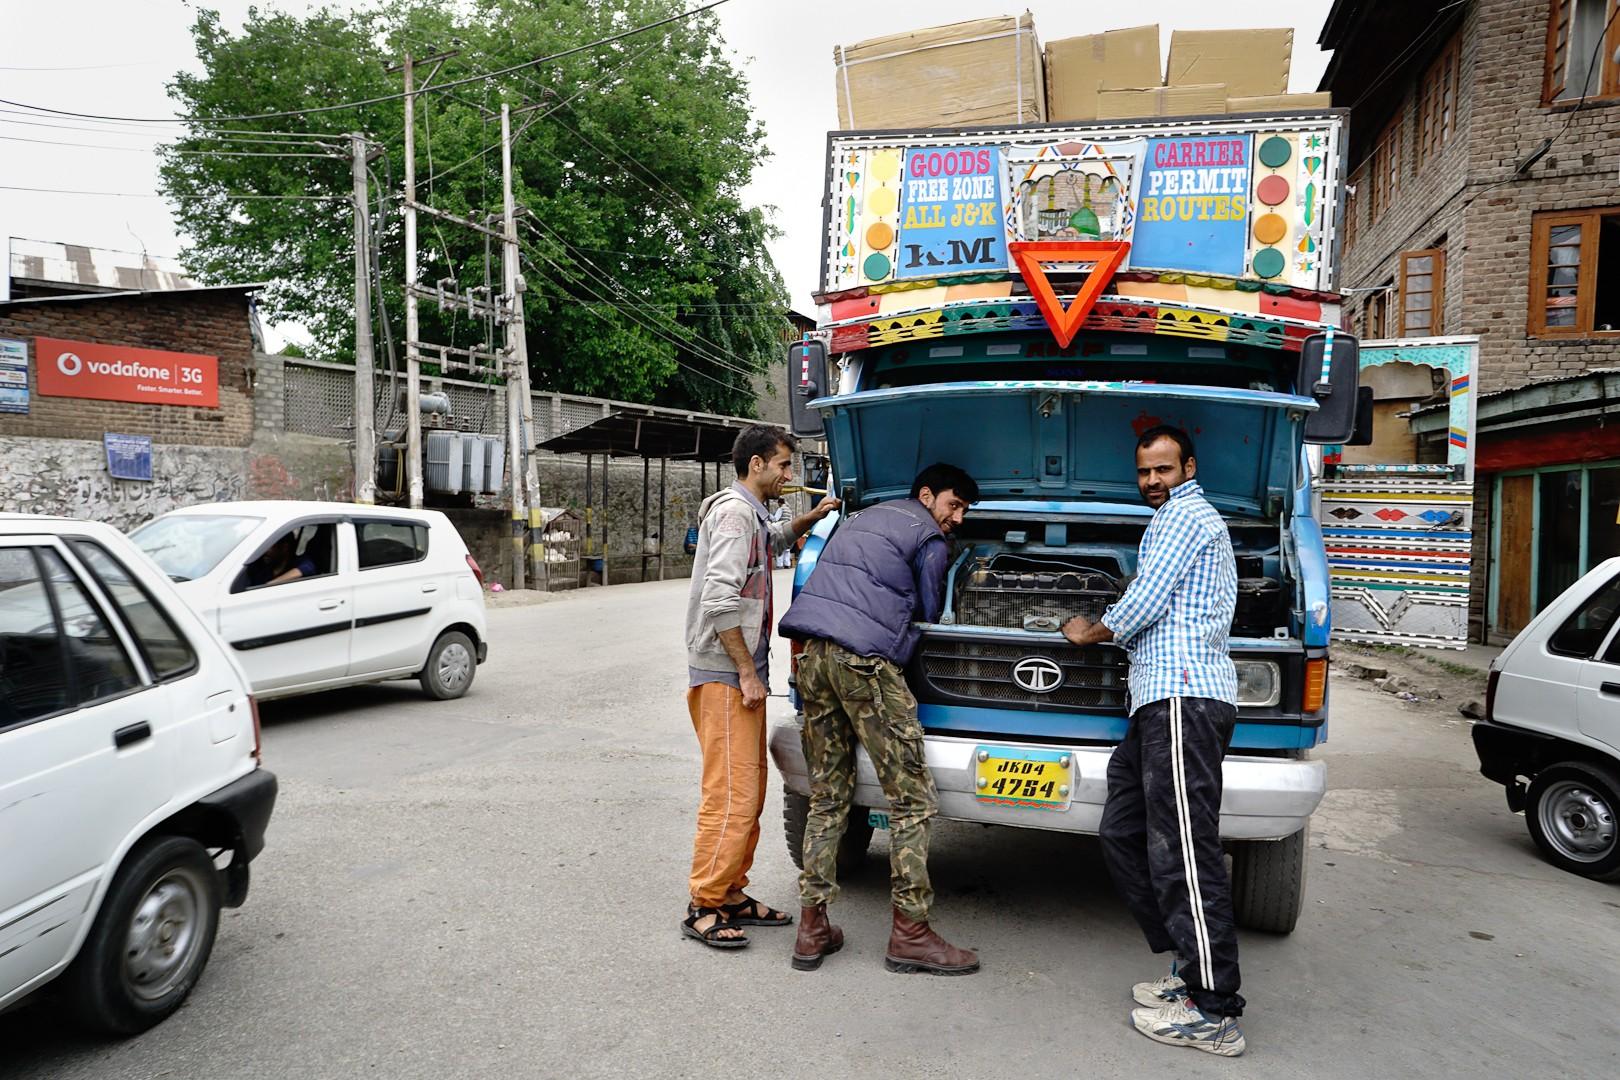 Stare miasto. Srinagar.